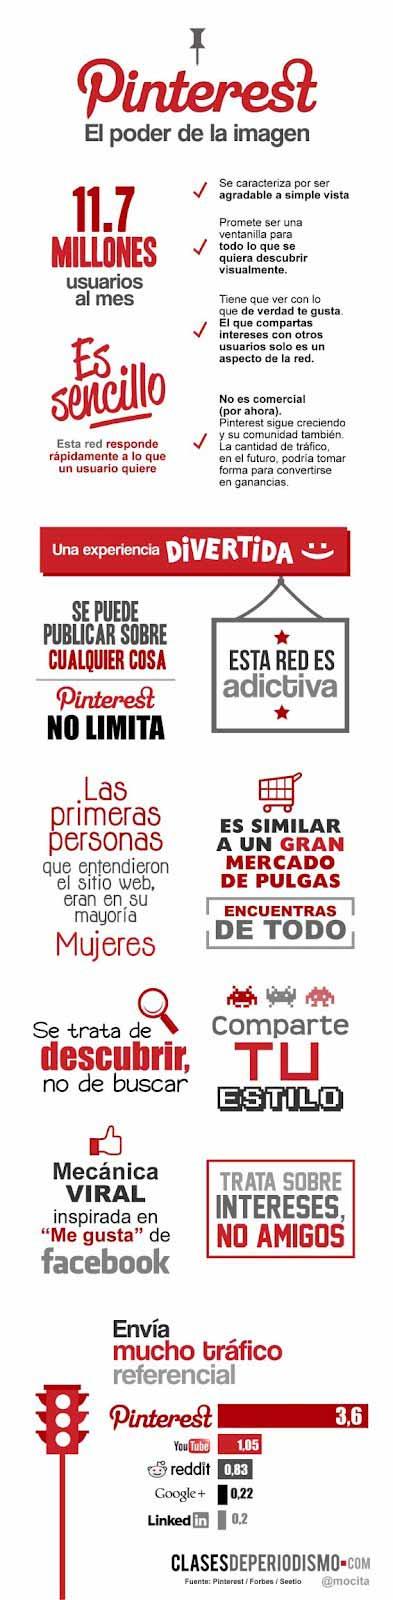 Pinterest, el poder de la imagen